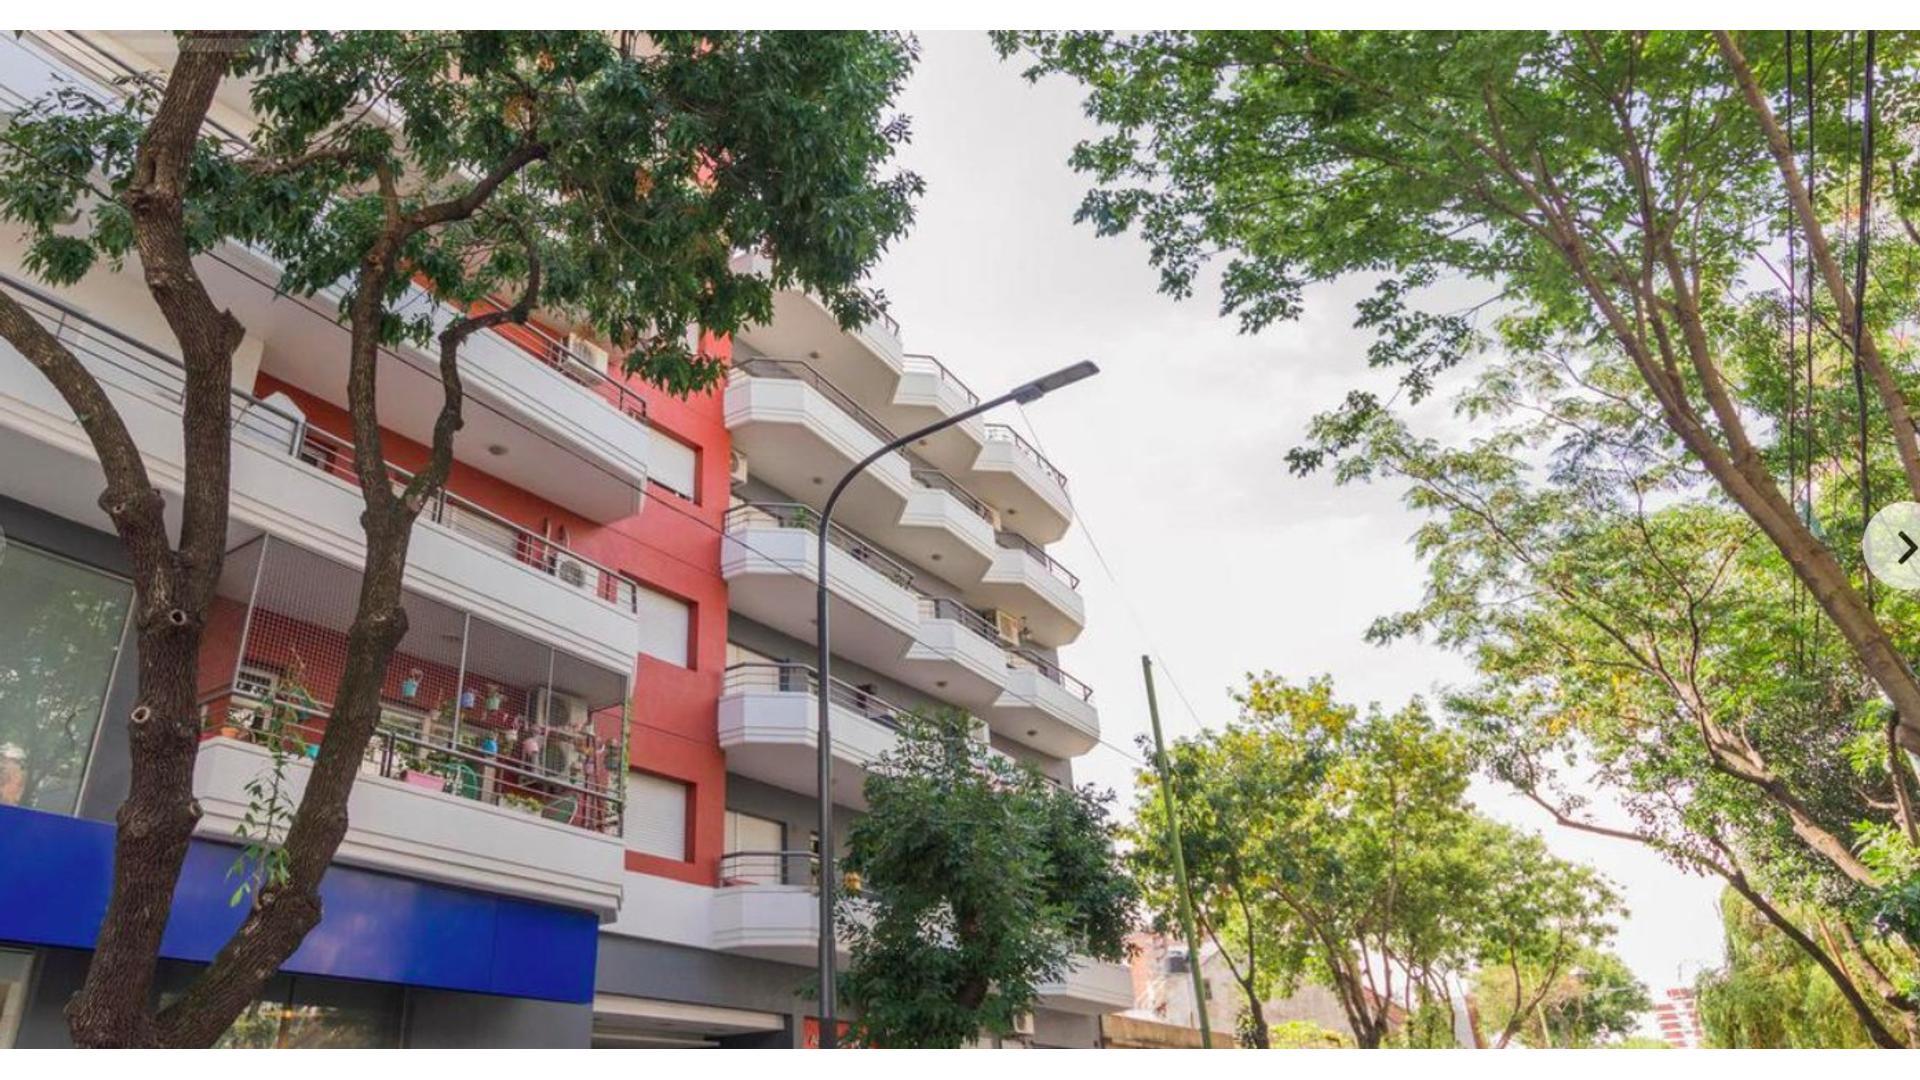 Espectacular Dos Ambientes de 83 m² Totales con Terraza